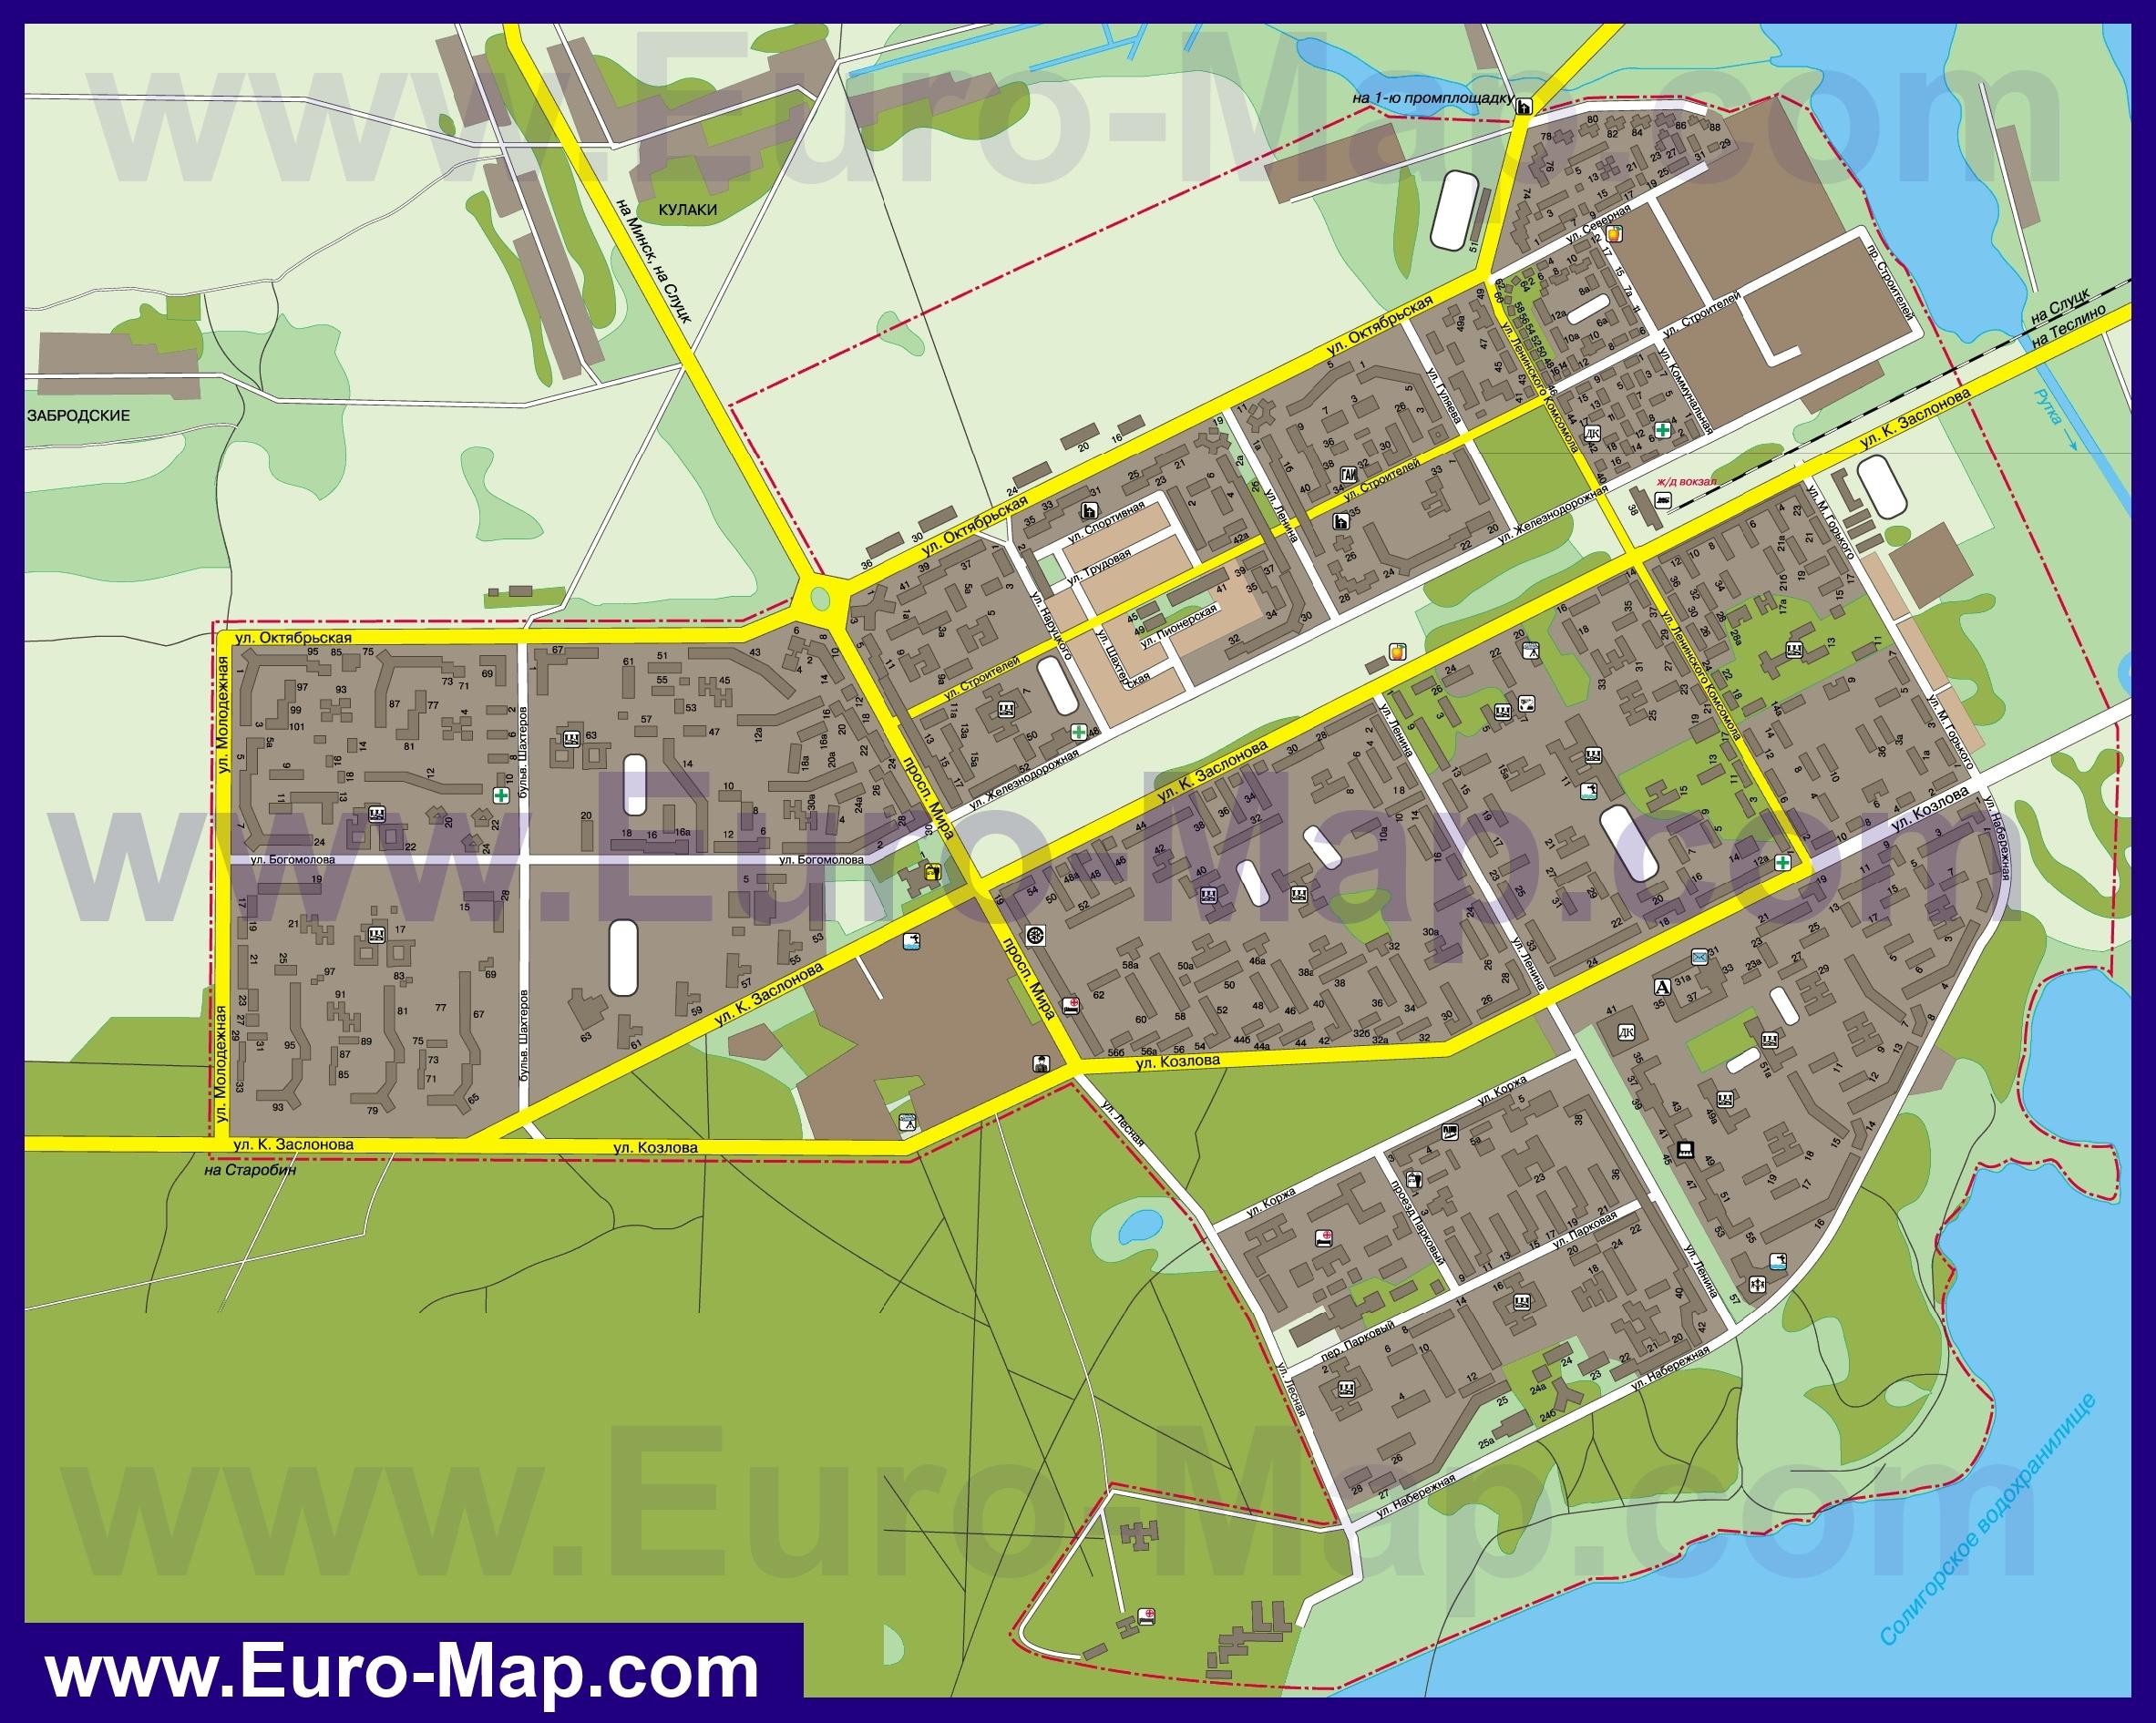 euro-map.com